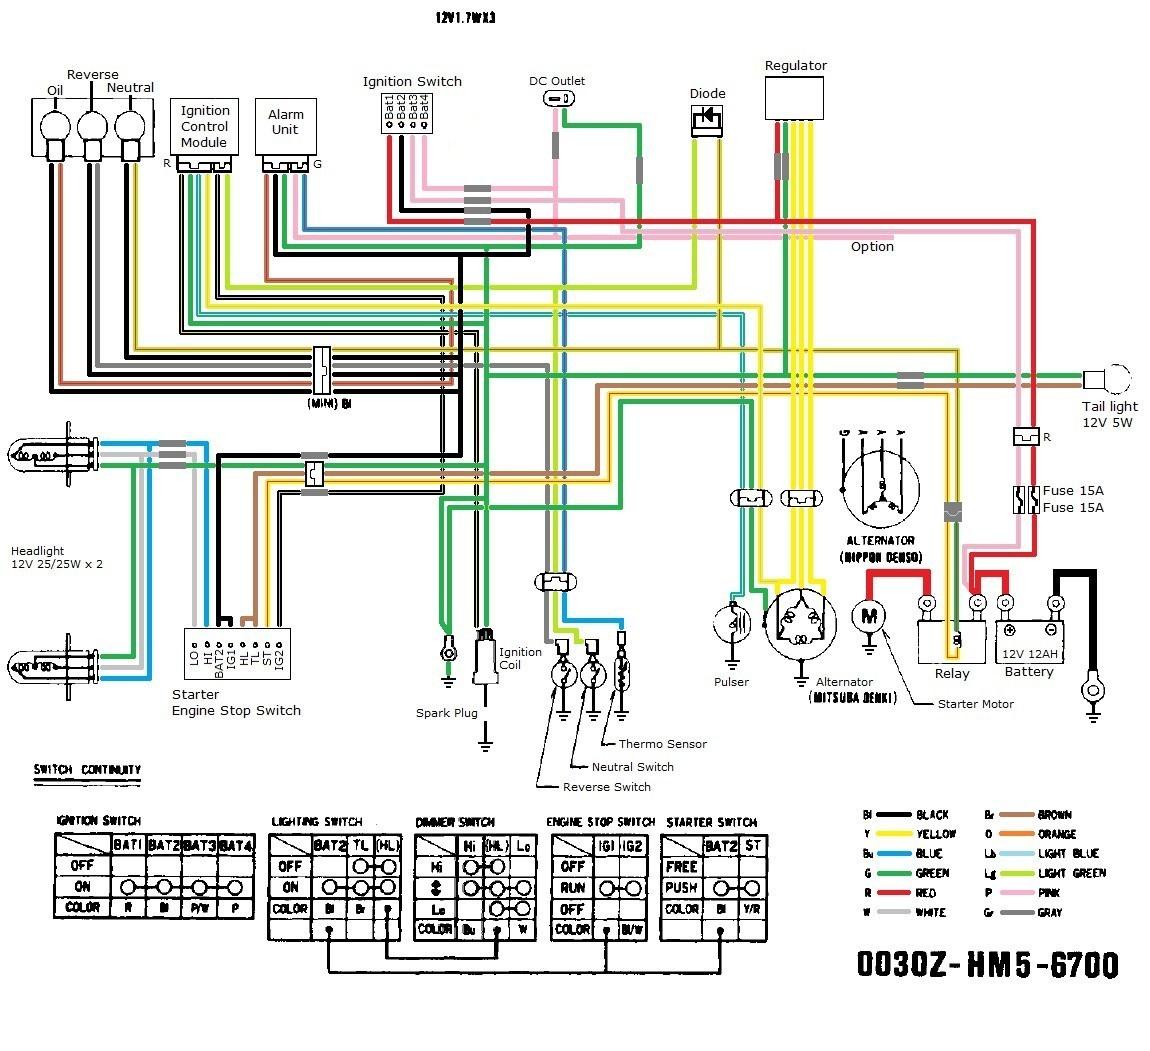 How to Wire Chinese atv Chinese atv Wiring Schematic 110cc Of How to Wire Chinese atv